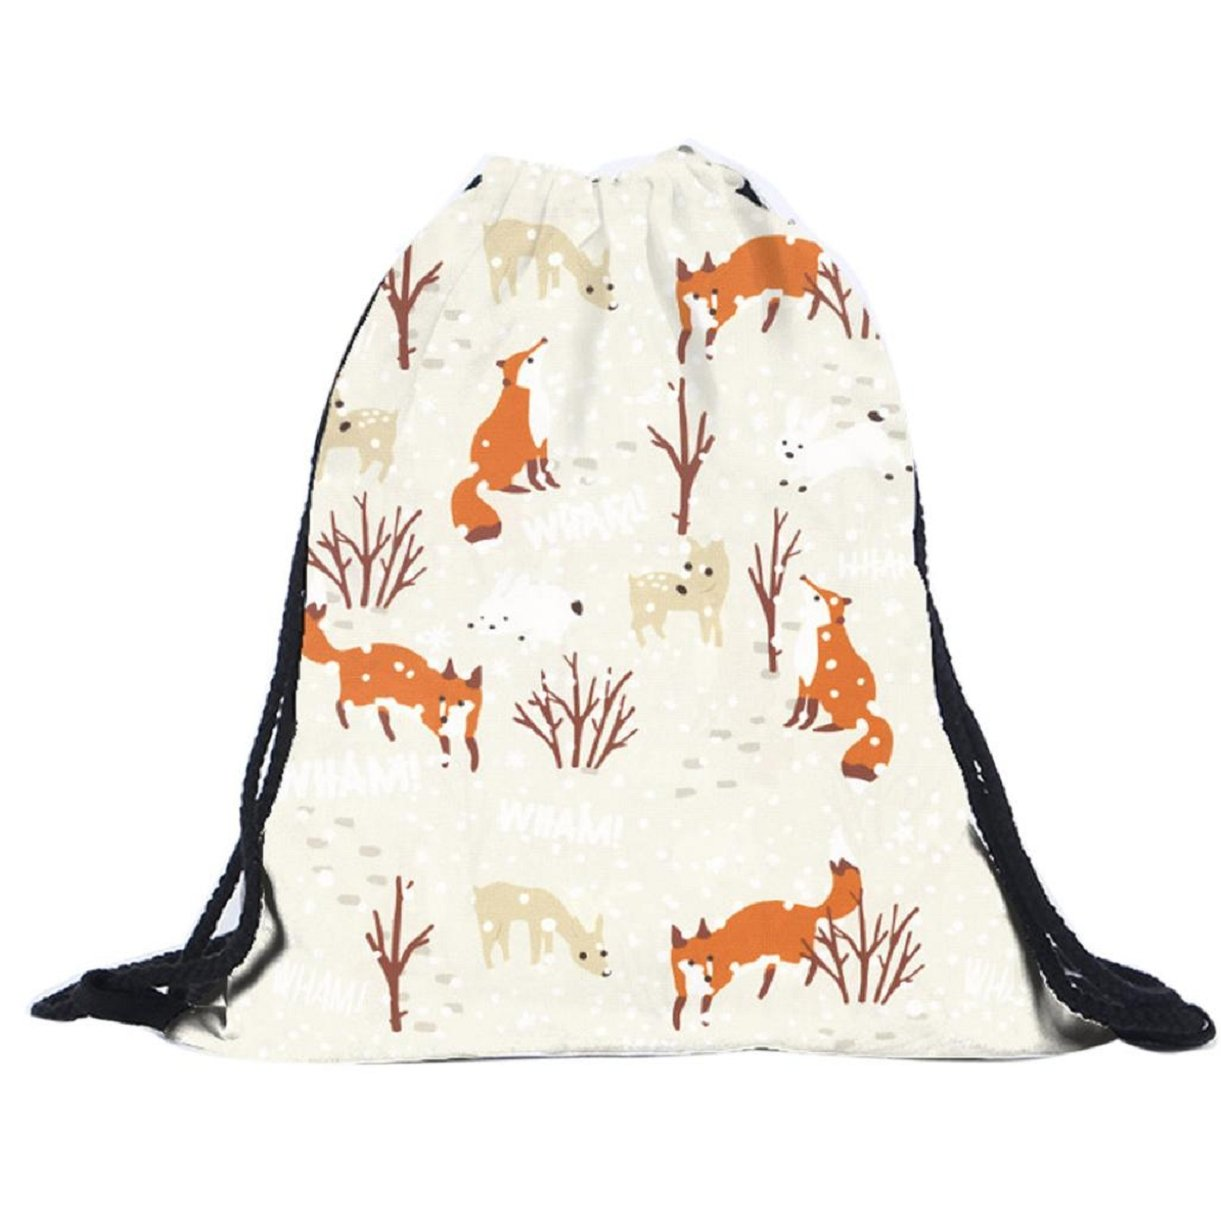 Lookatool Unisex Backpacks 3D Printing Bags Drawstring Backpack